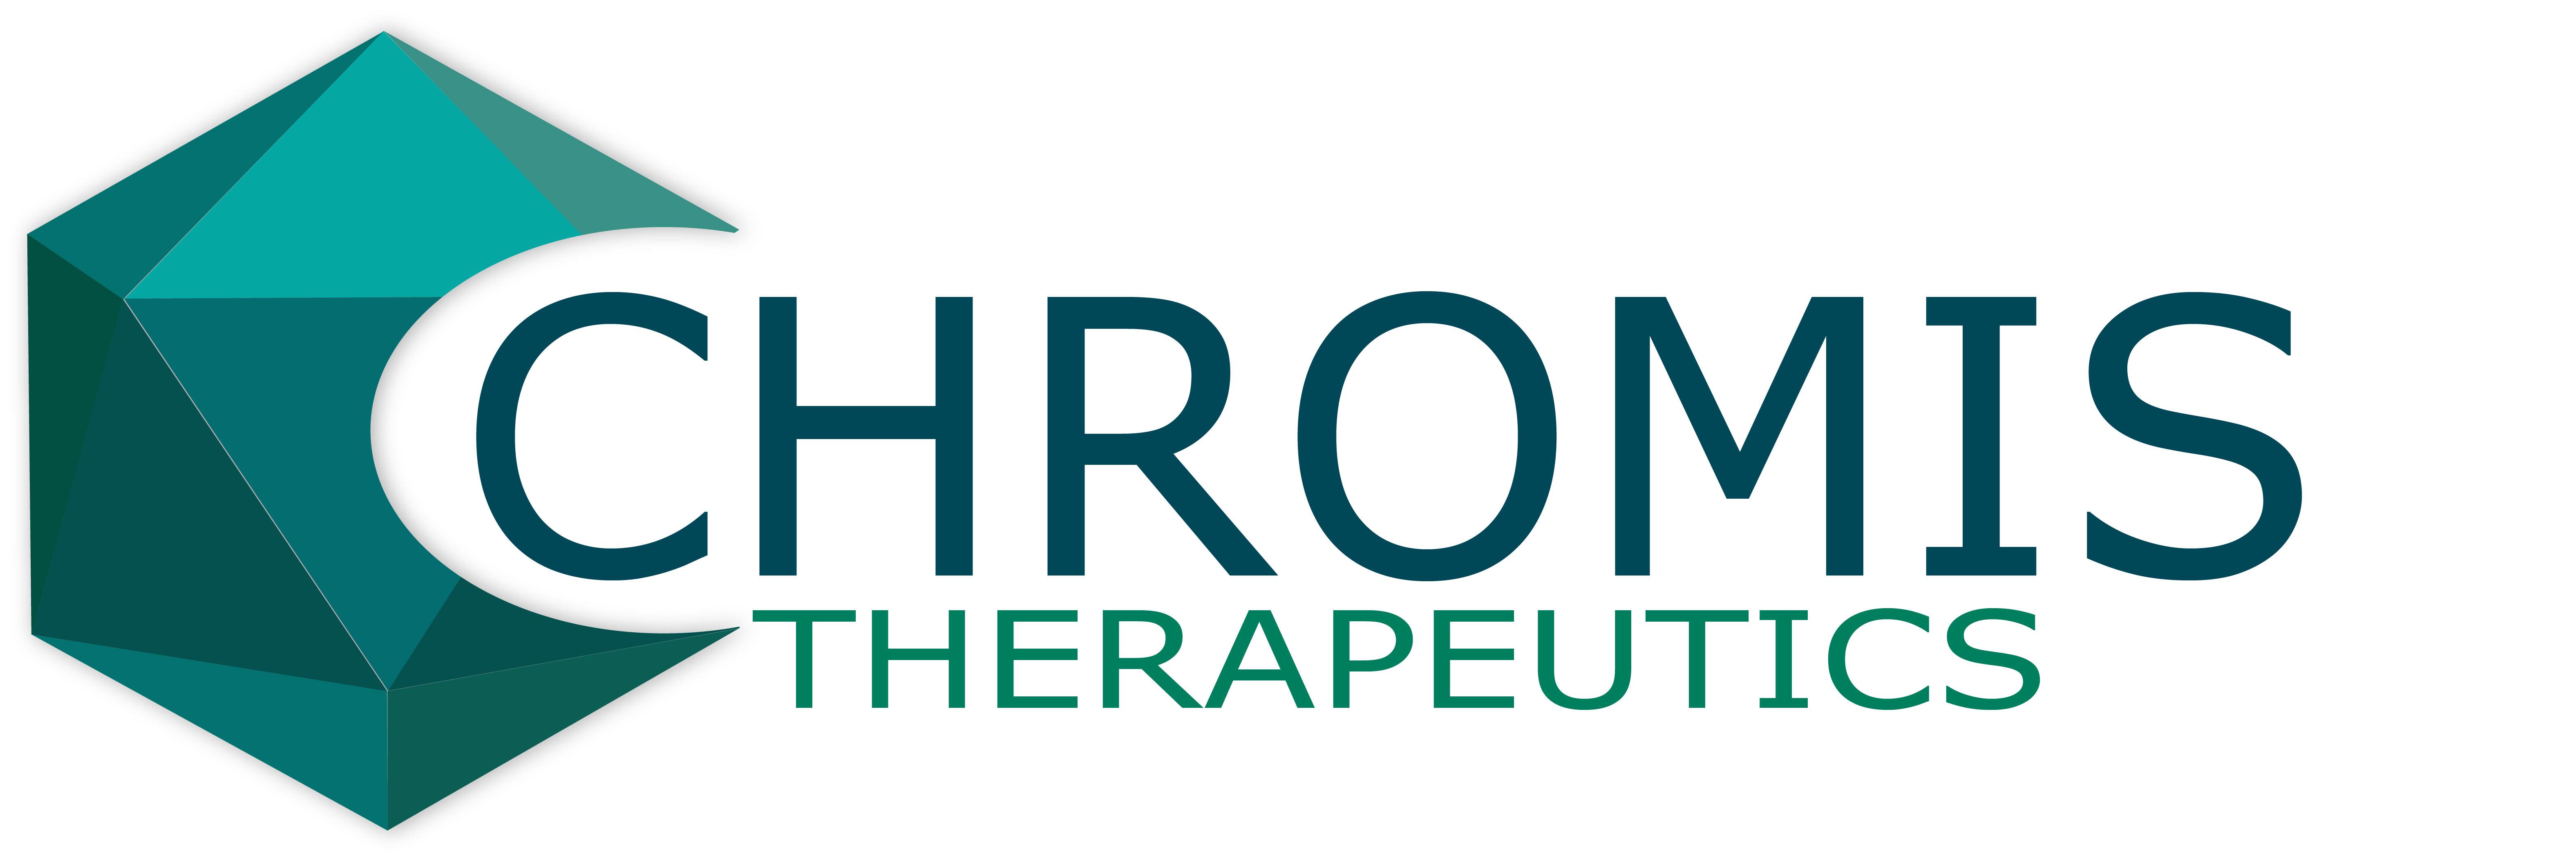 chromis